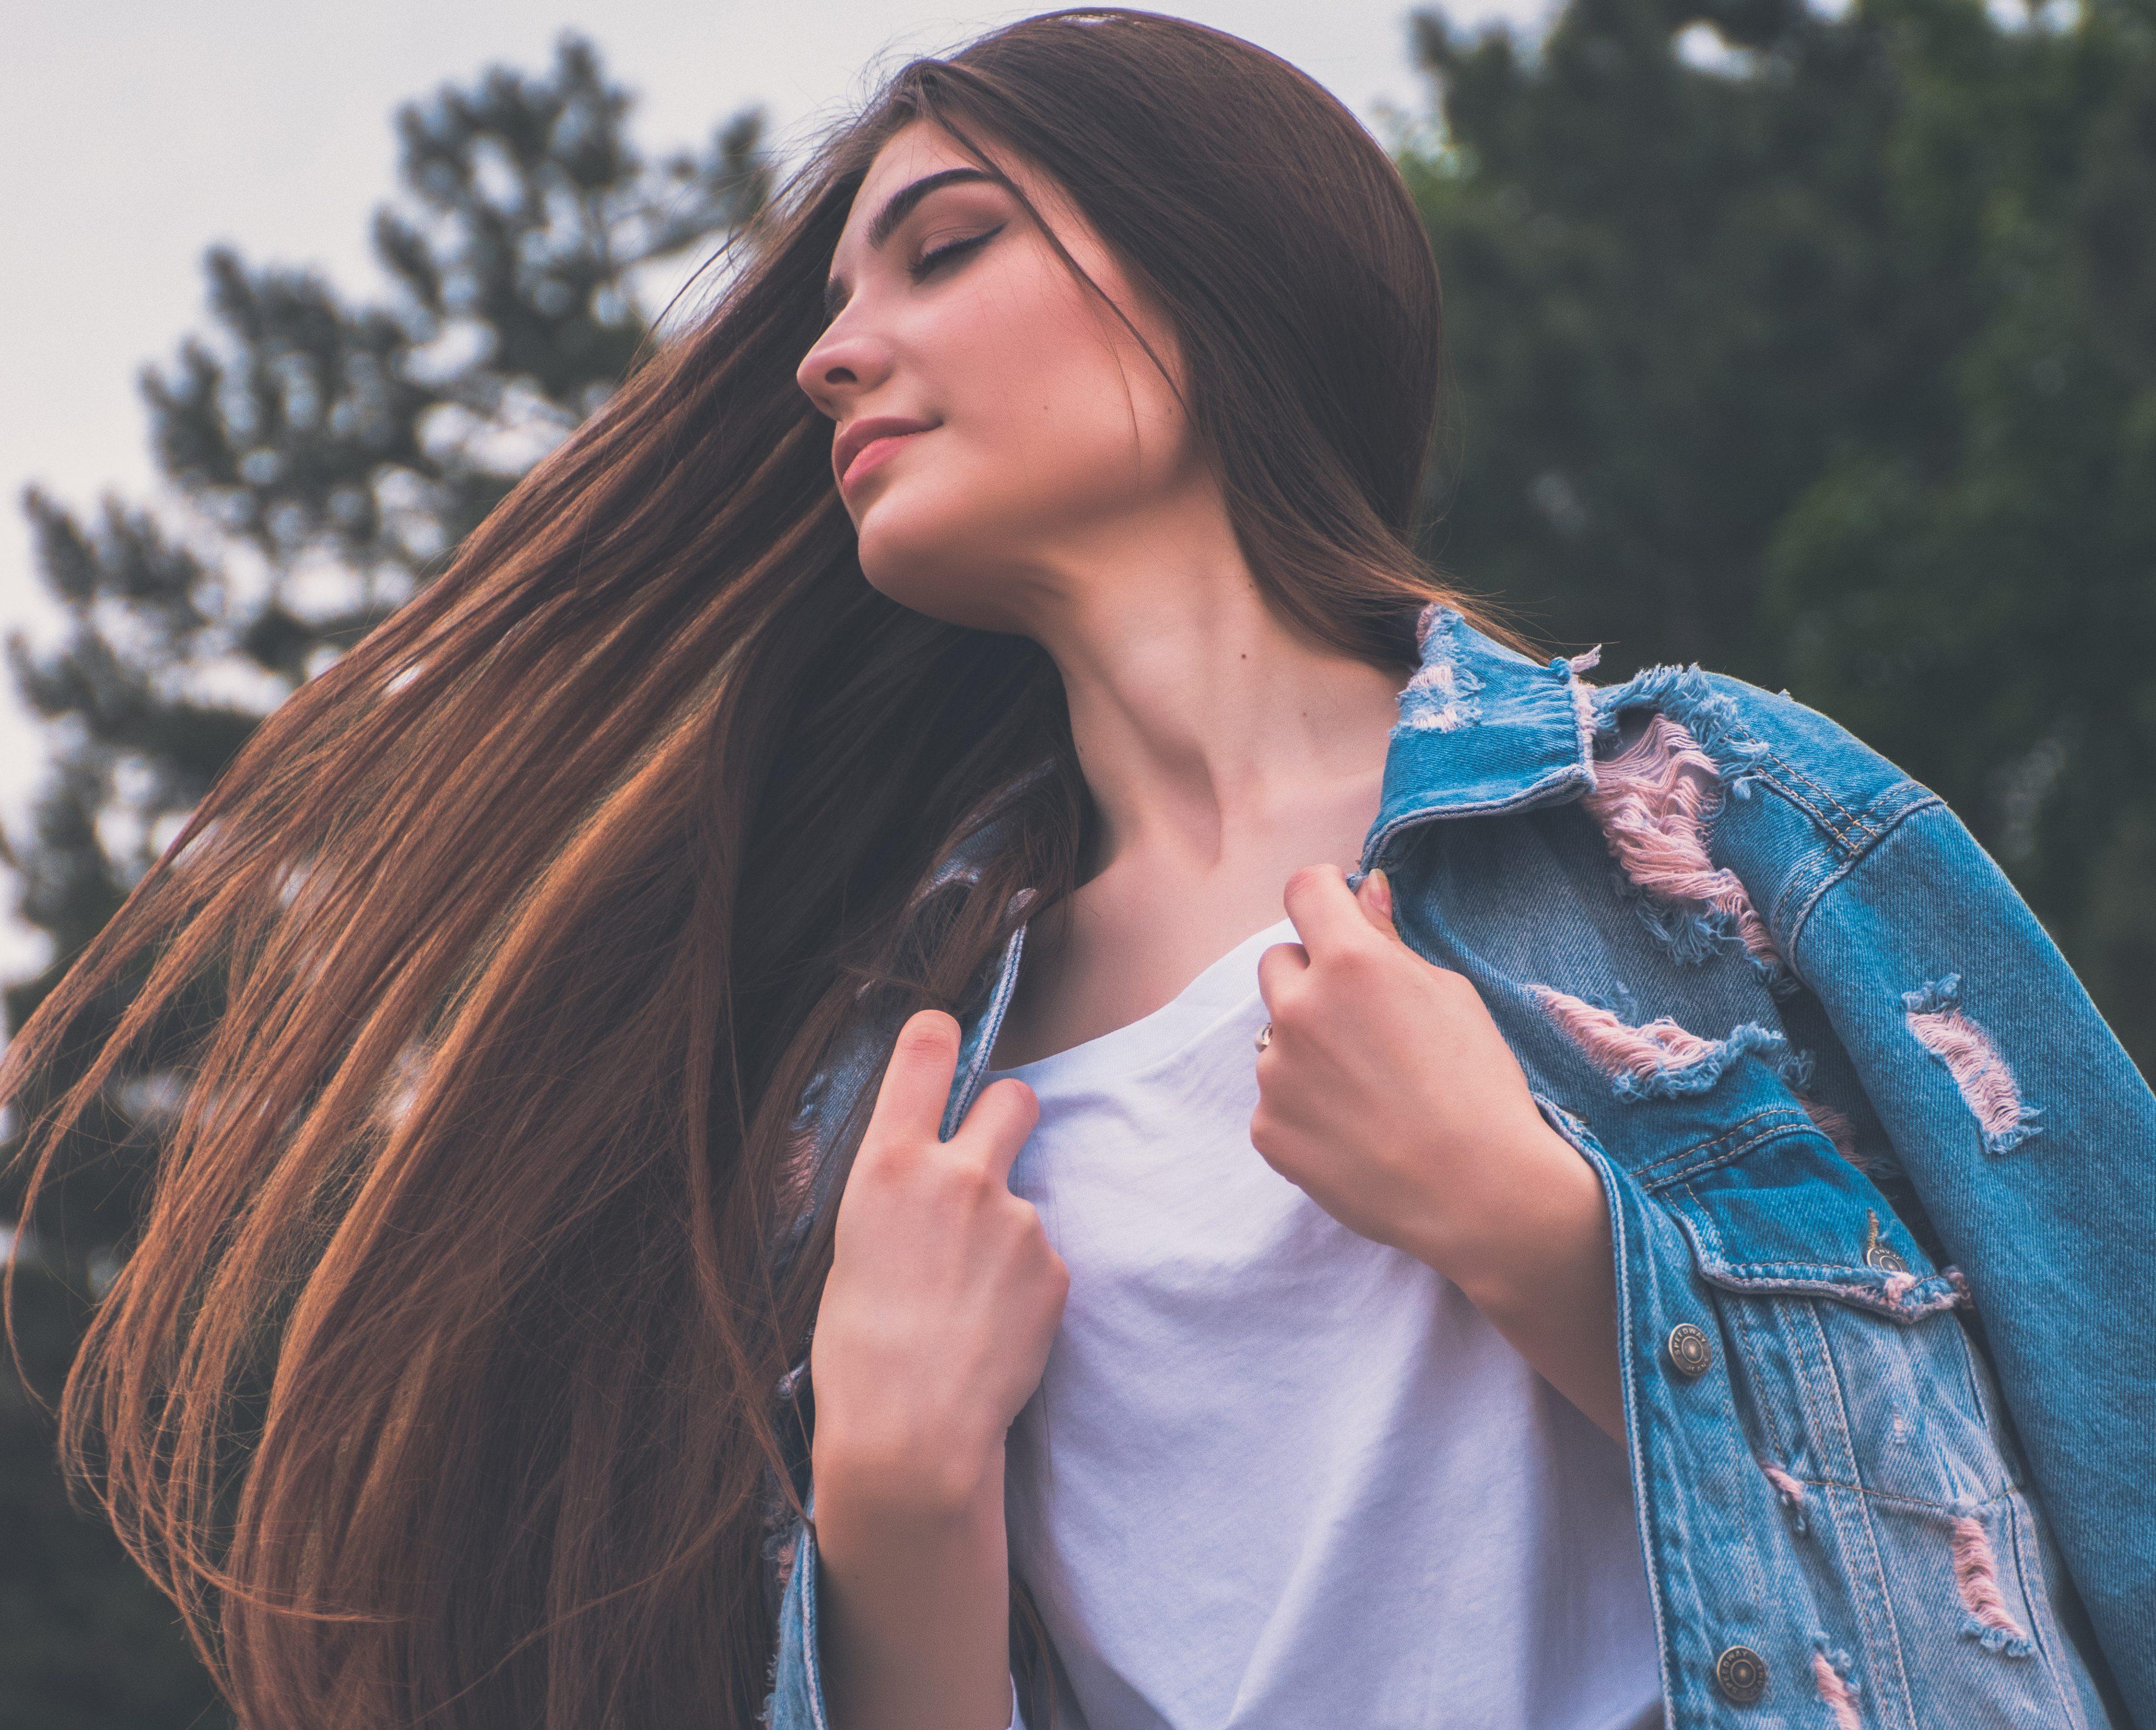 Progressiva: 7 dicas para prolongar o cabelo liso e nutrido